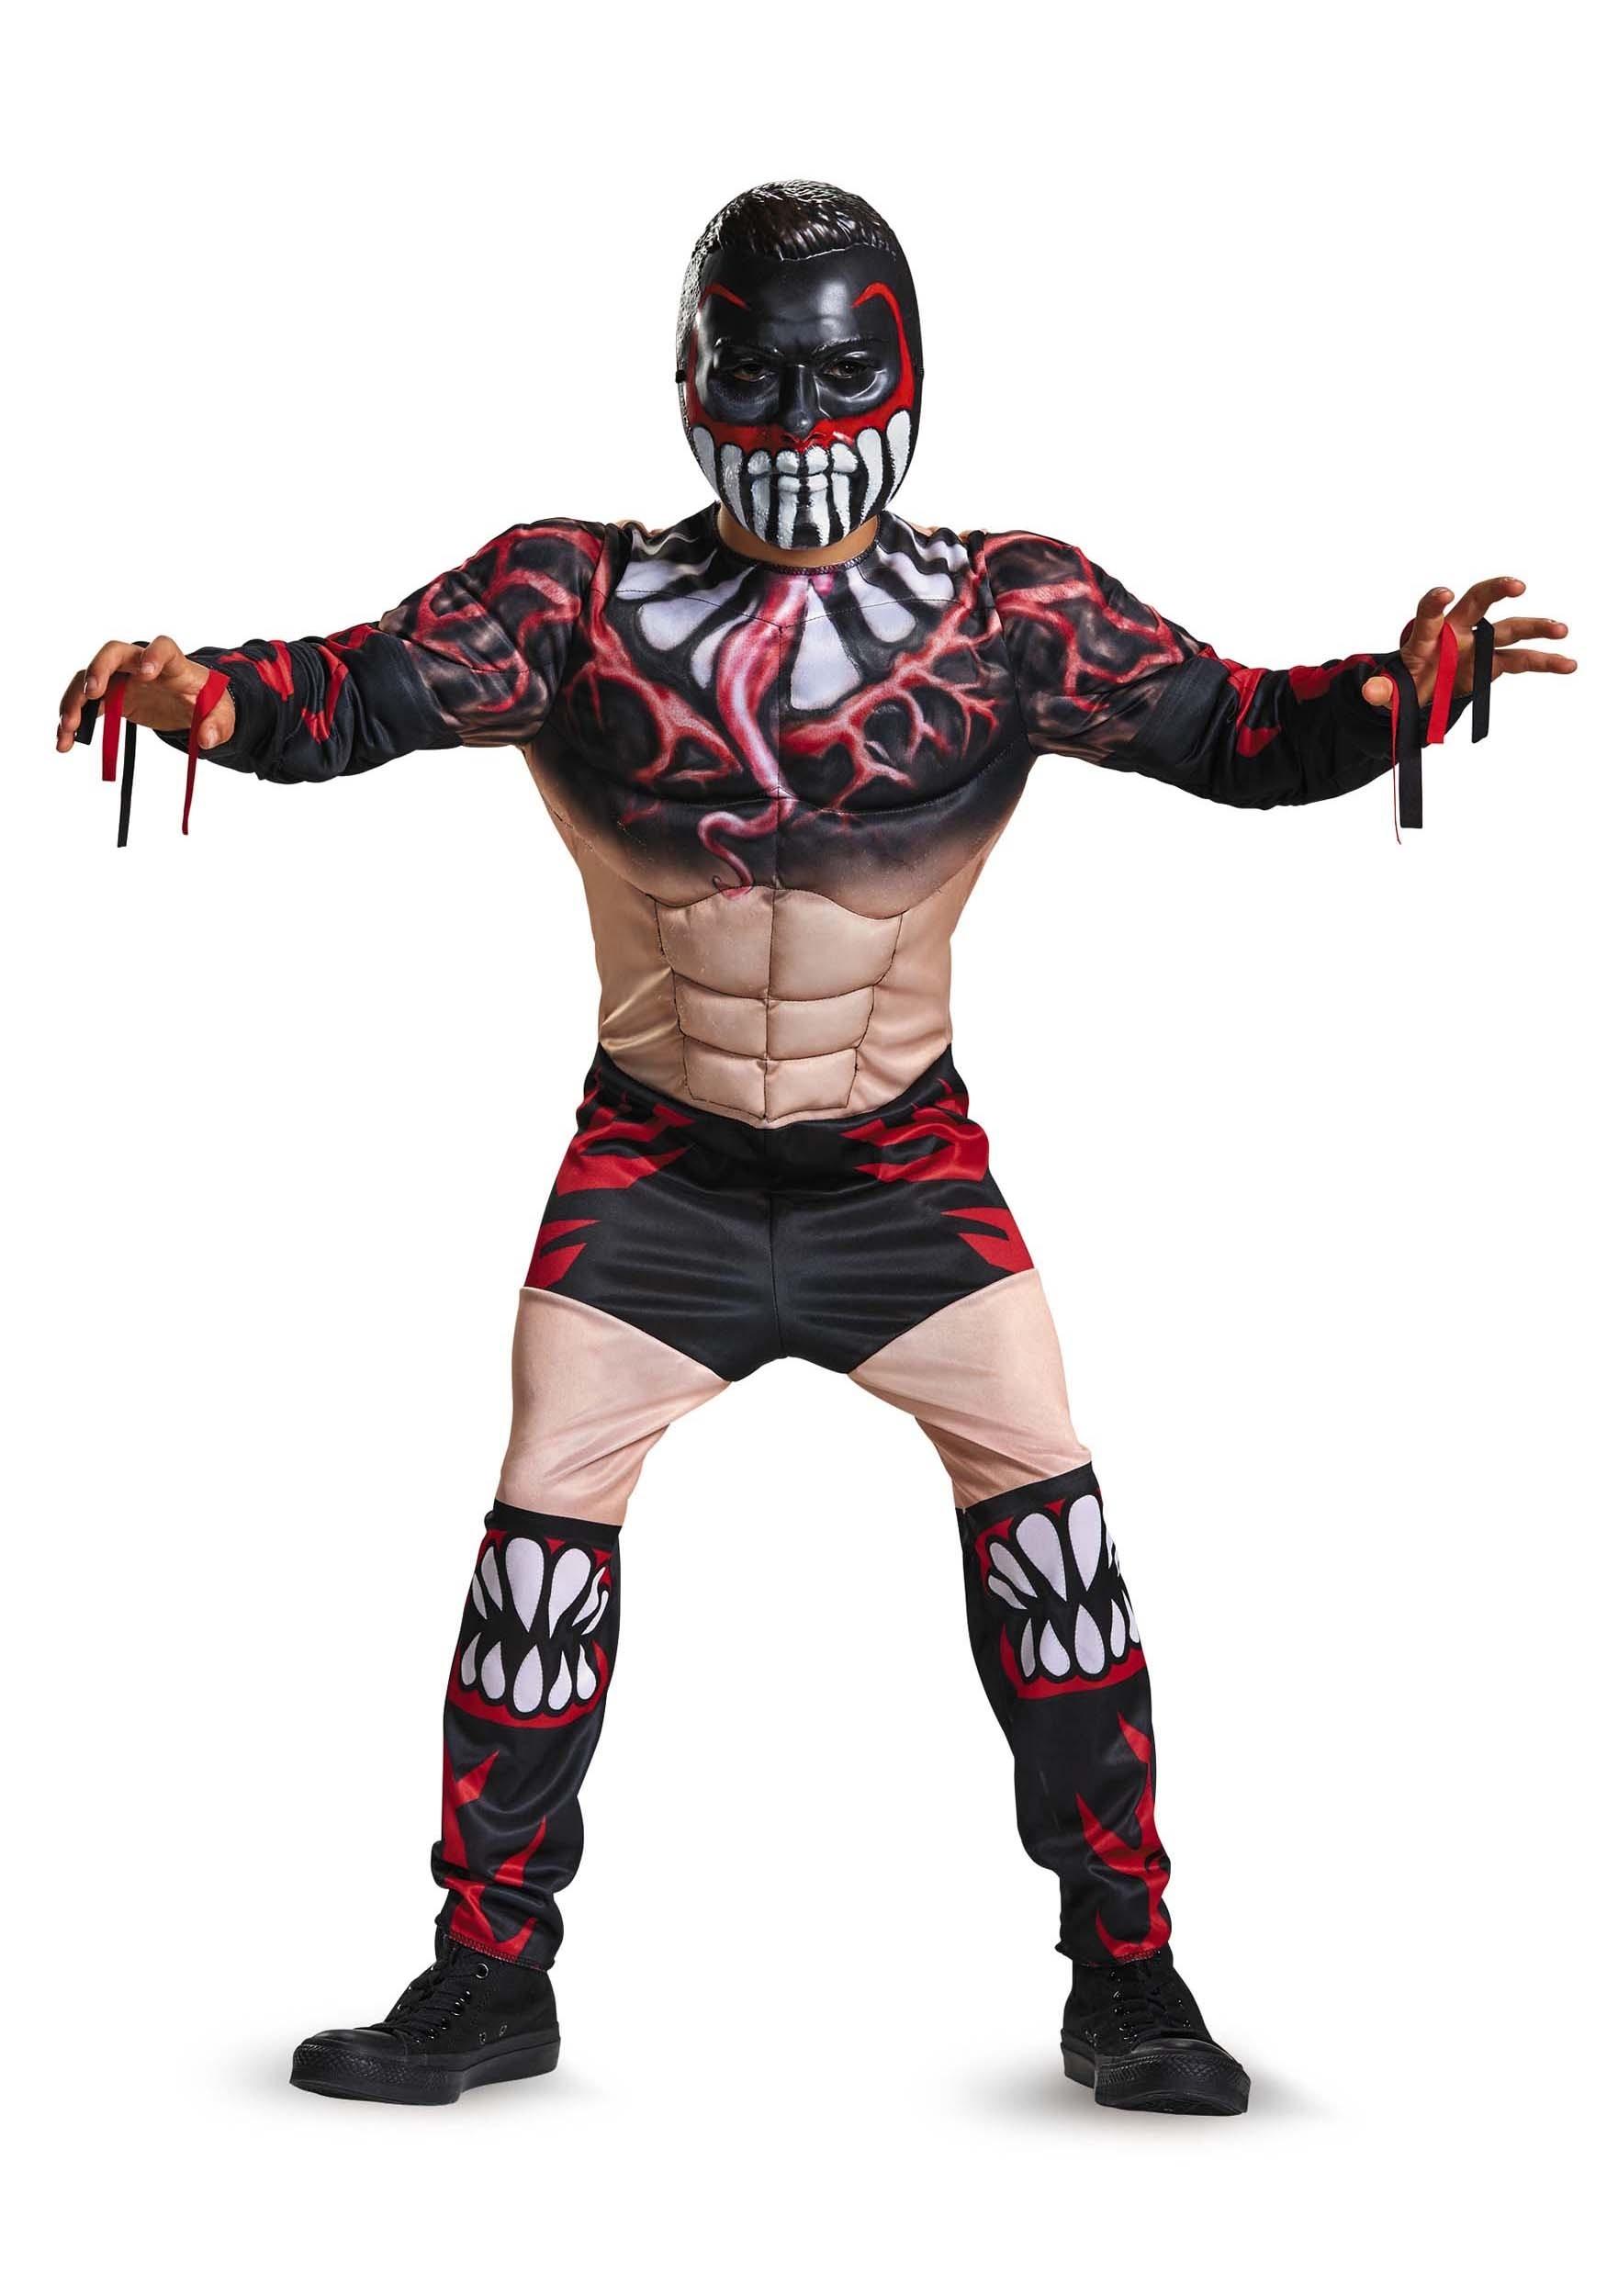 Wrestling Toys For Boys : Finn balor classic muscle costume for boys